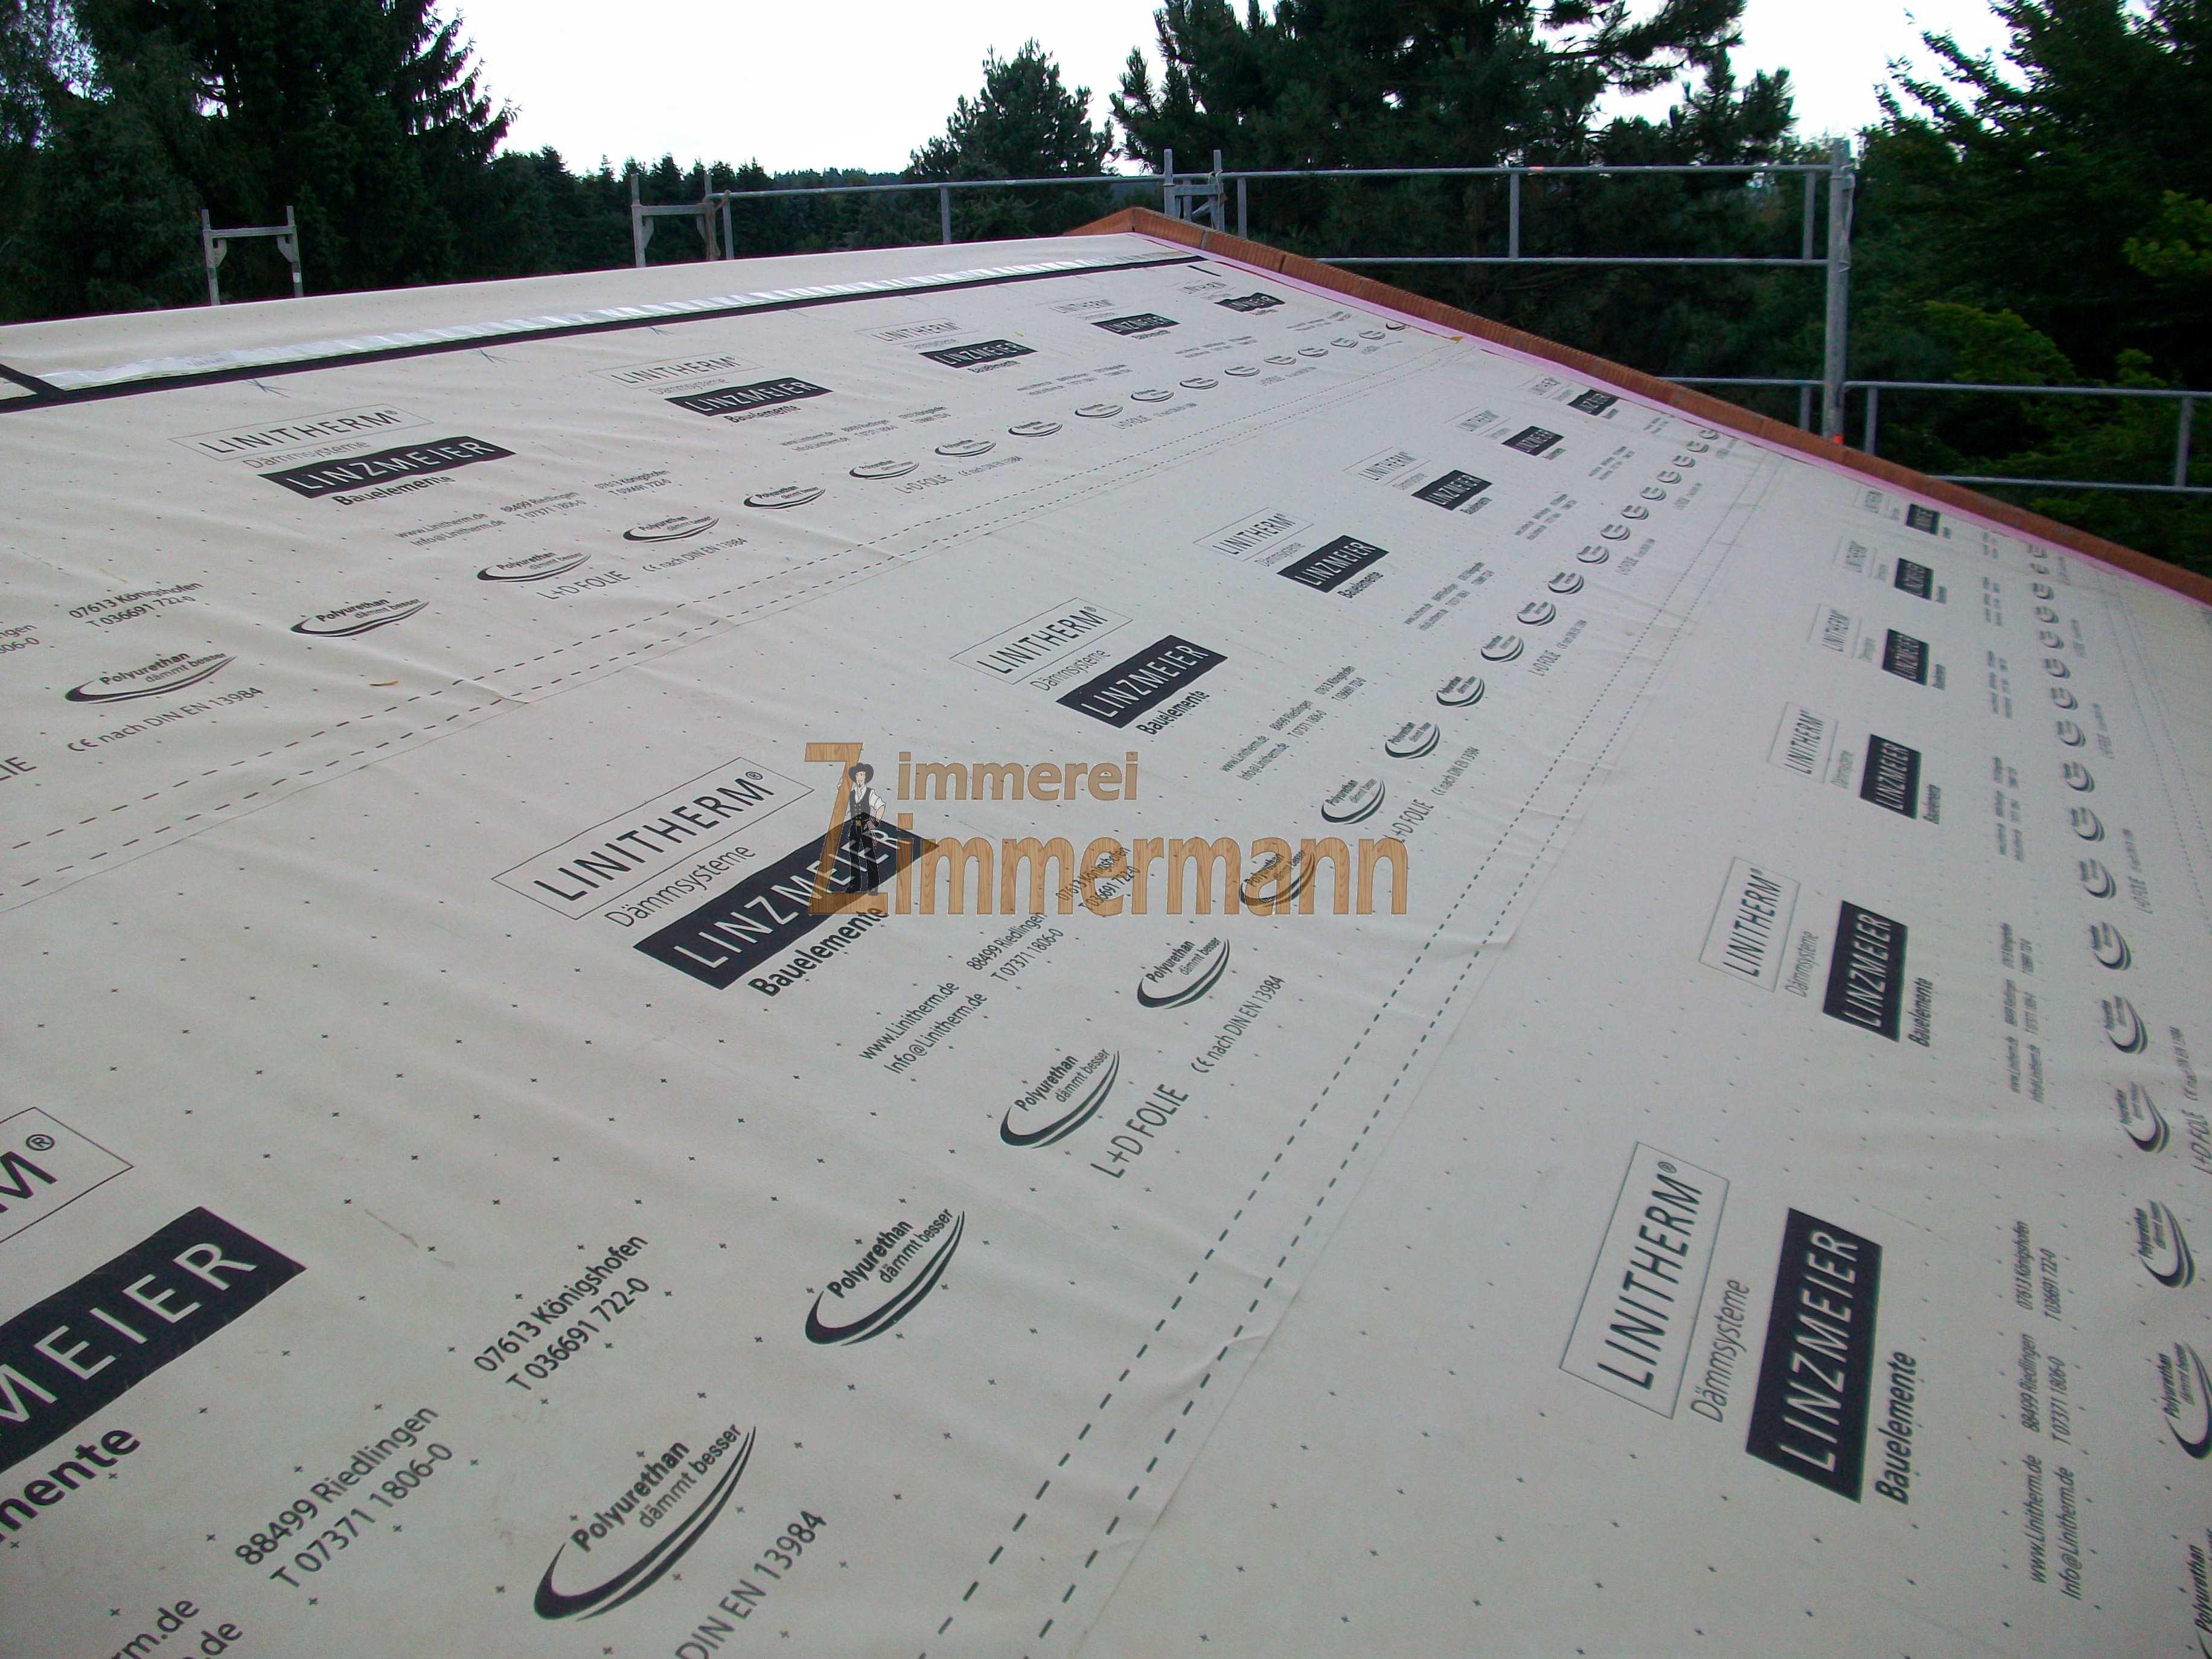 Aufdachdämmung auf Sparrendachstuhl